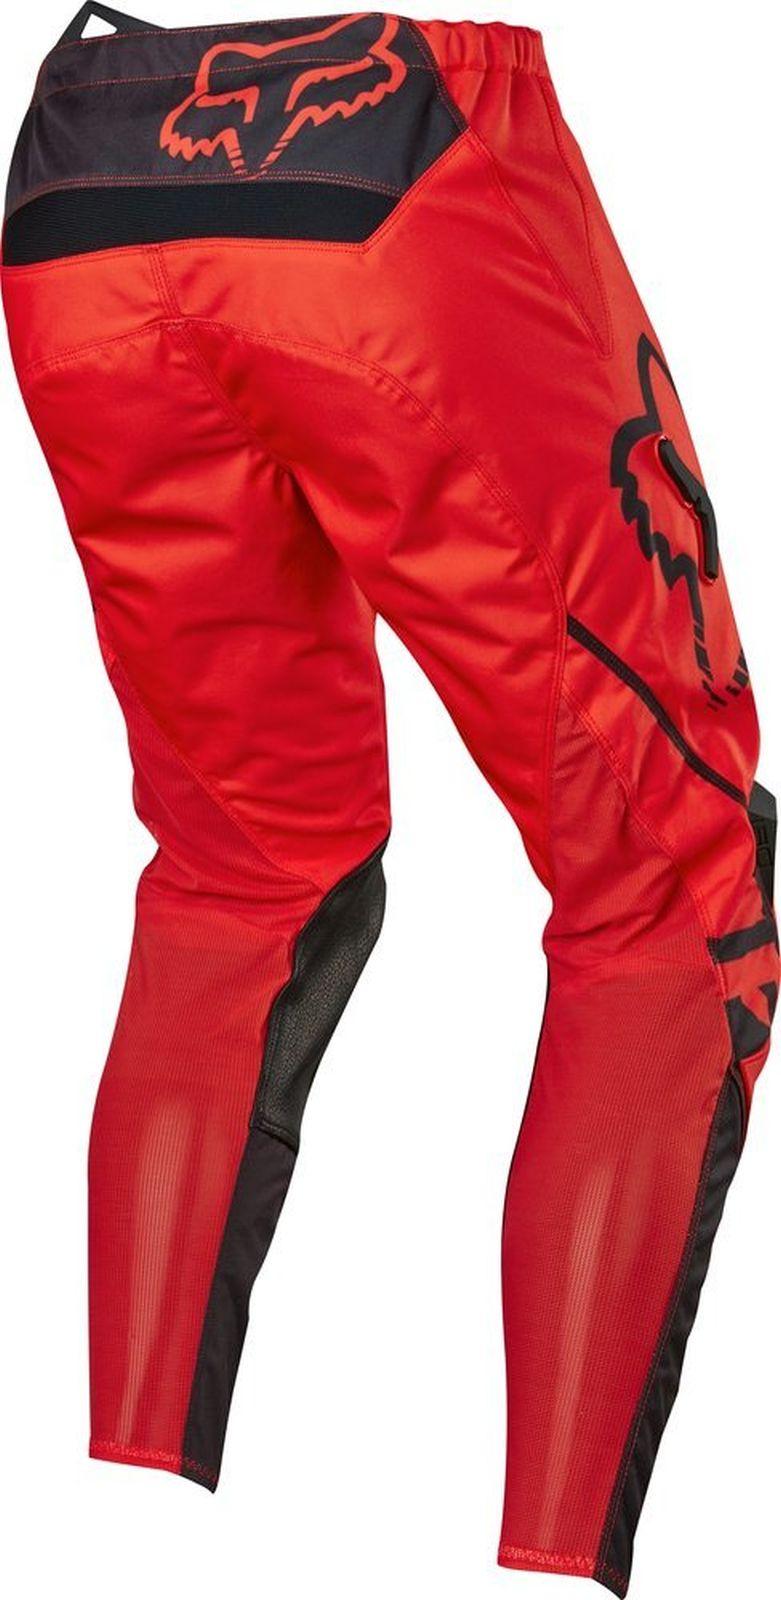 Pantaloni cross Fox 180 Race